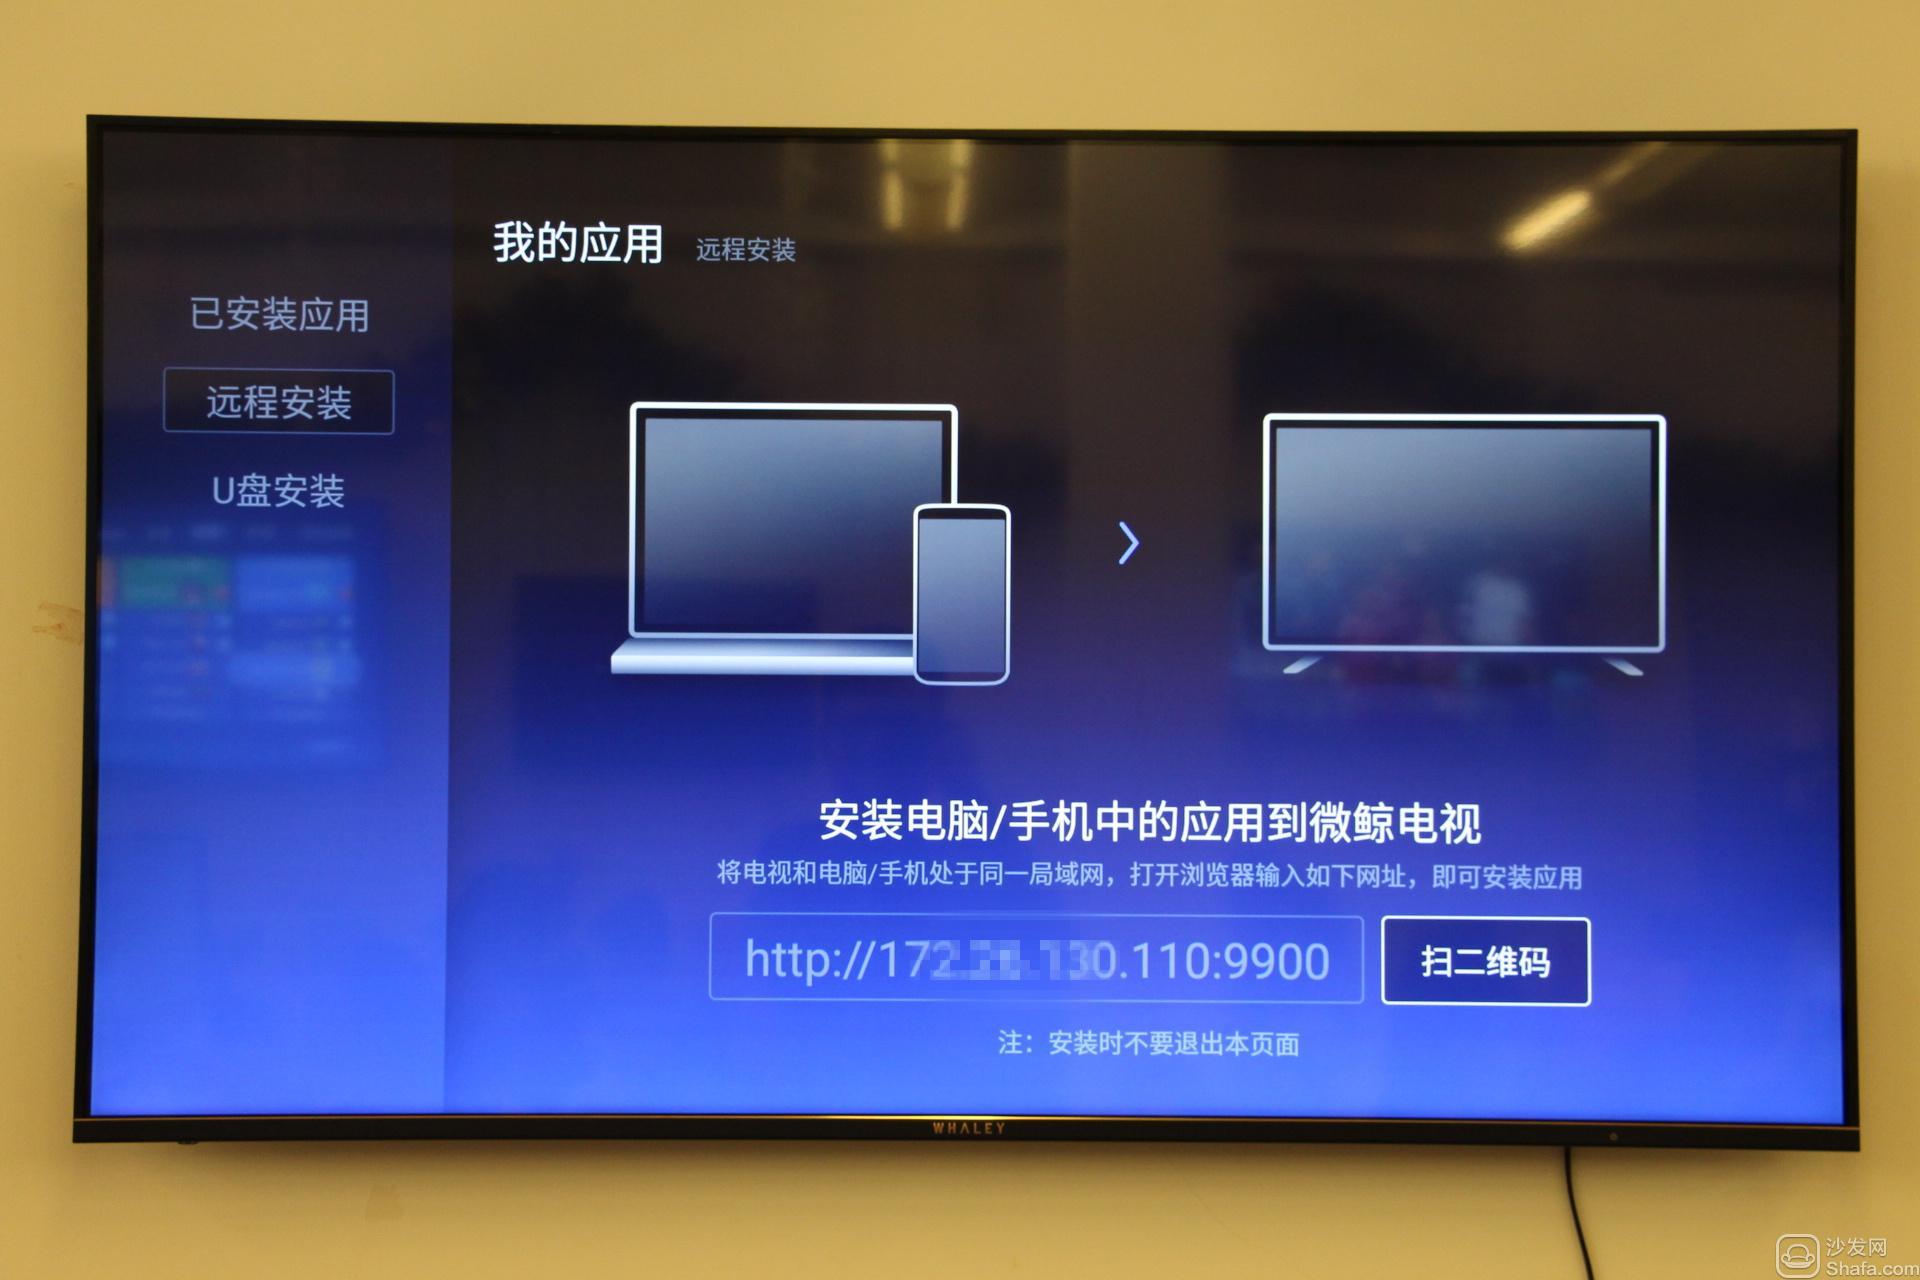 微鲸55英寸PRO通过远程安装电视直播应用